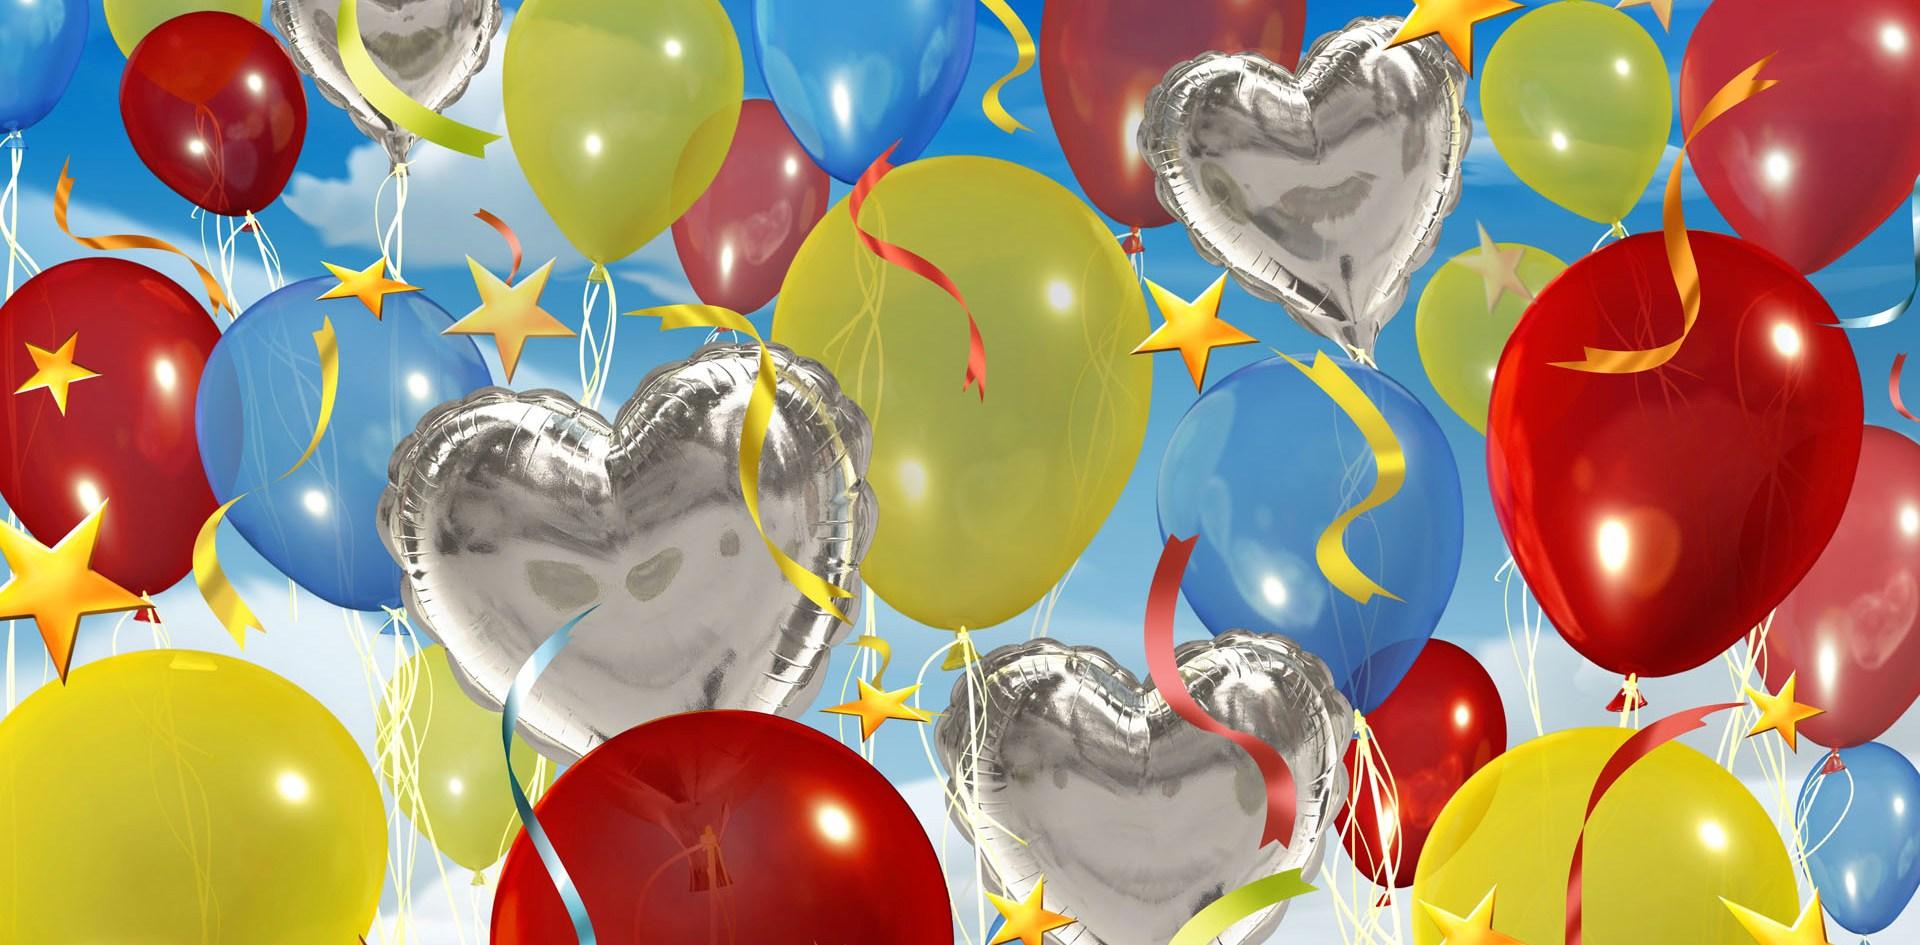 Поздравления воздушными шариками с днем рождения